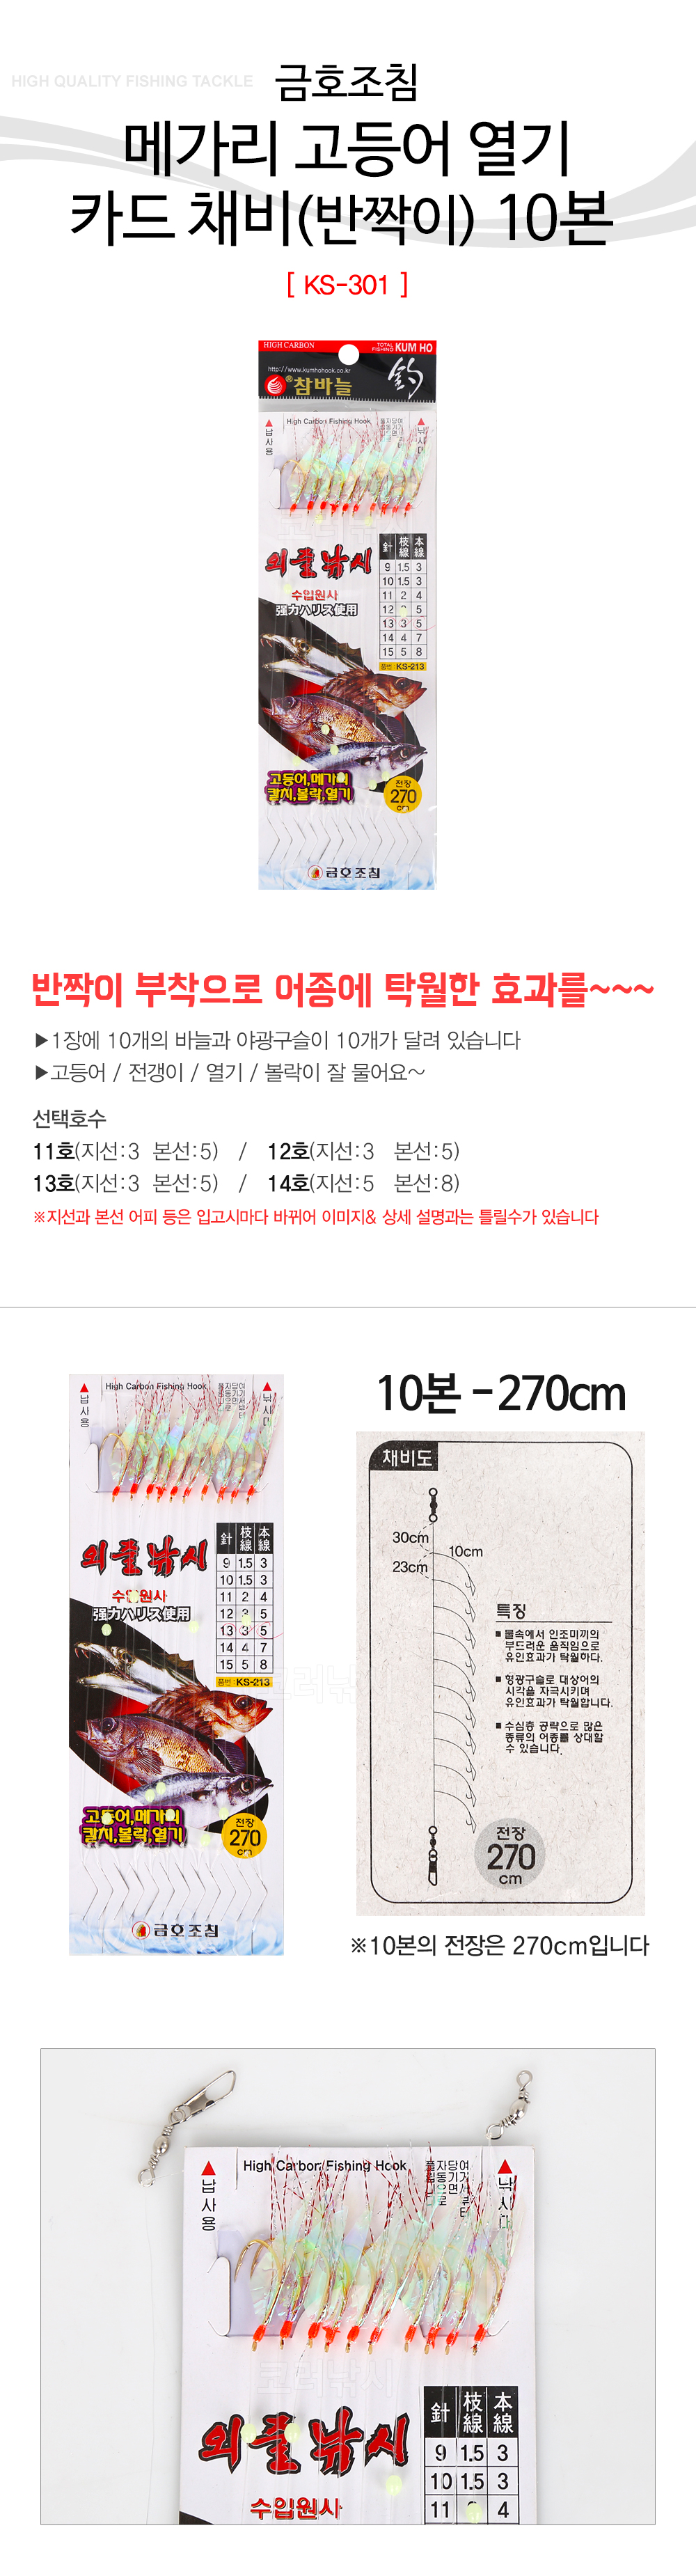 금호조침  메가리 고등어 열기 카드 채비 반짝이 10본 KS-301 고등어채비 201711